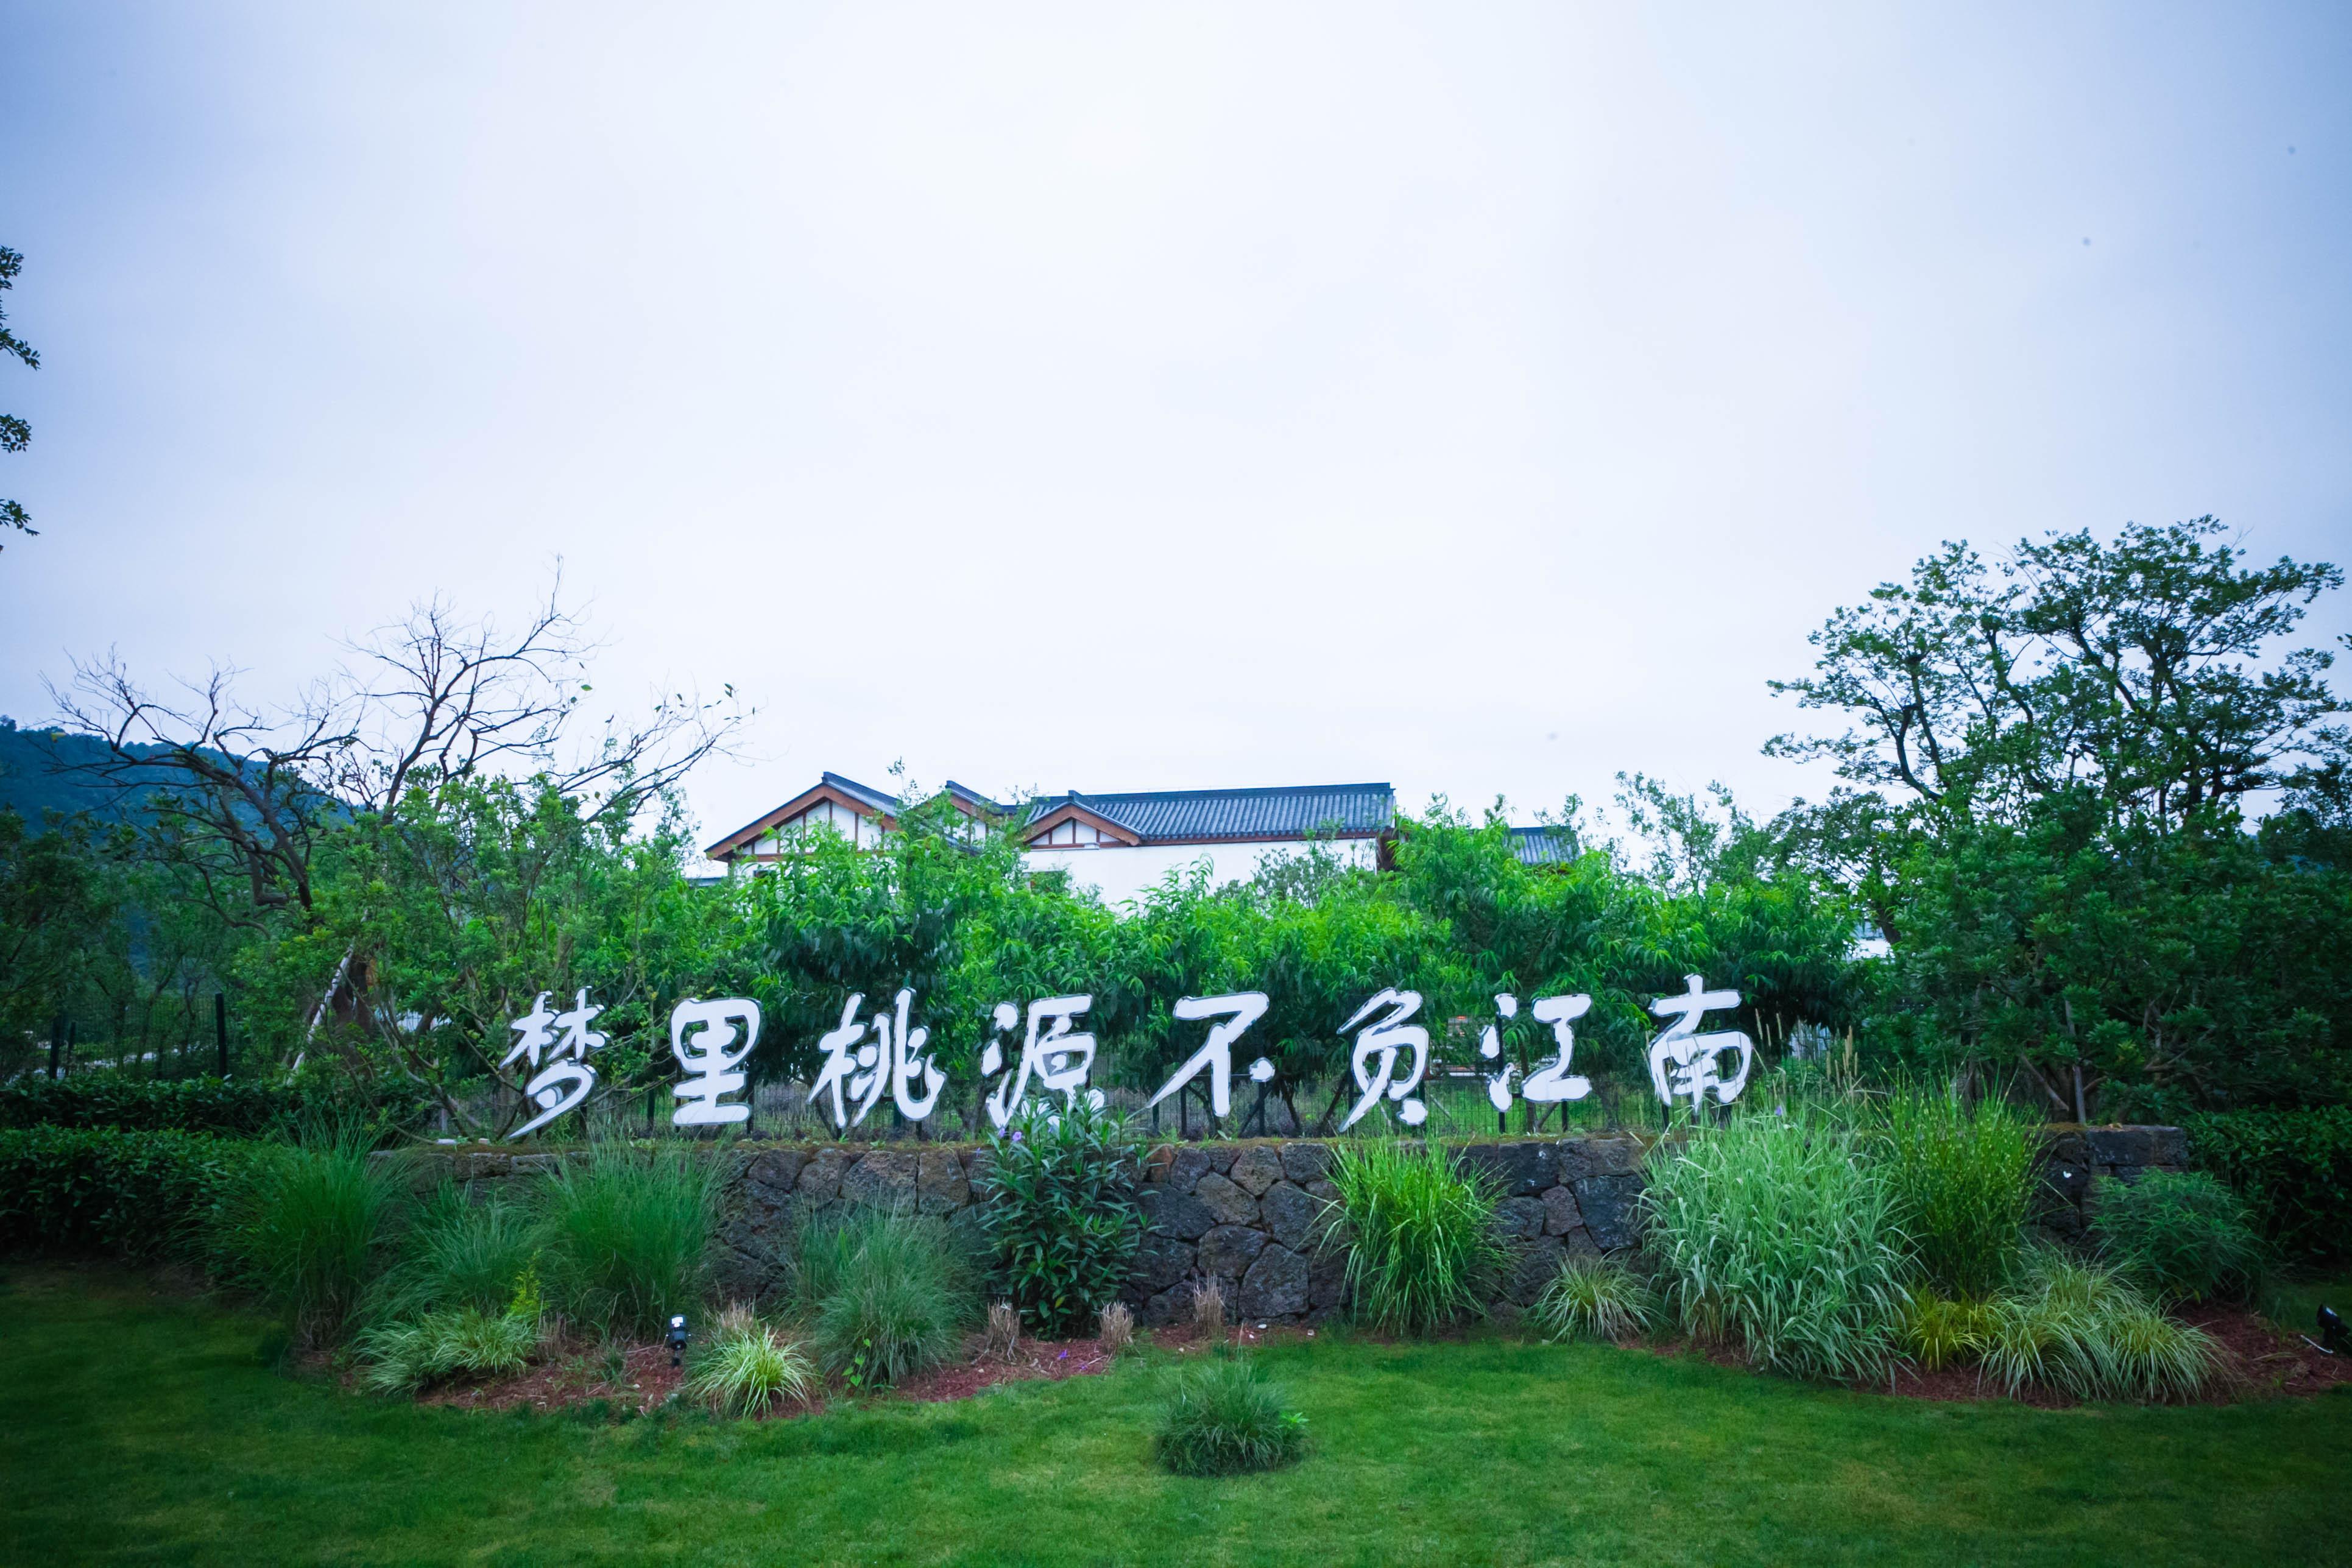 青山绿水竹林听泉,里南大山过向往的生活